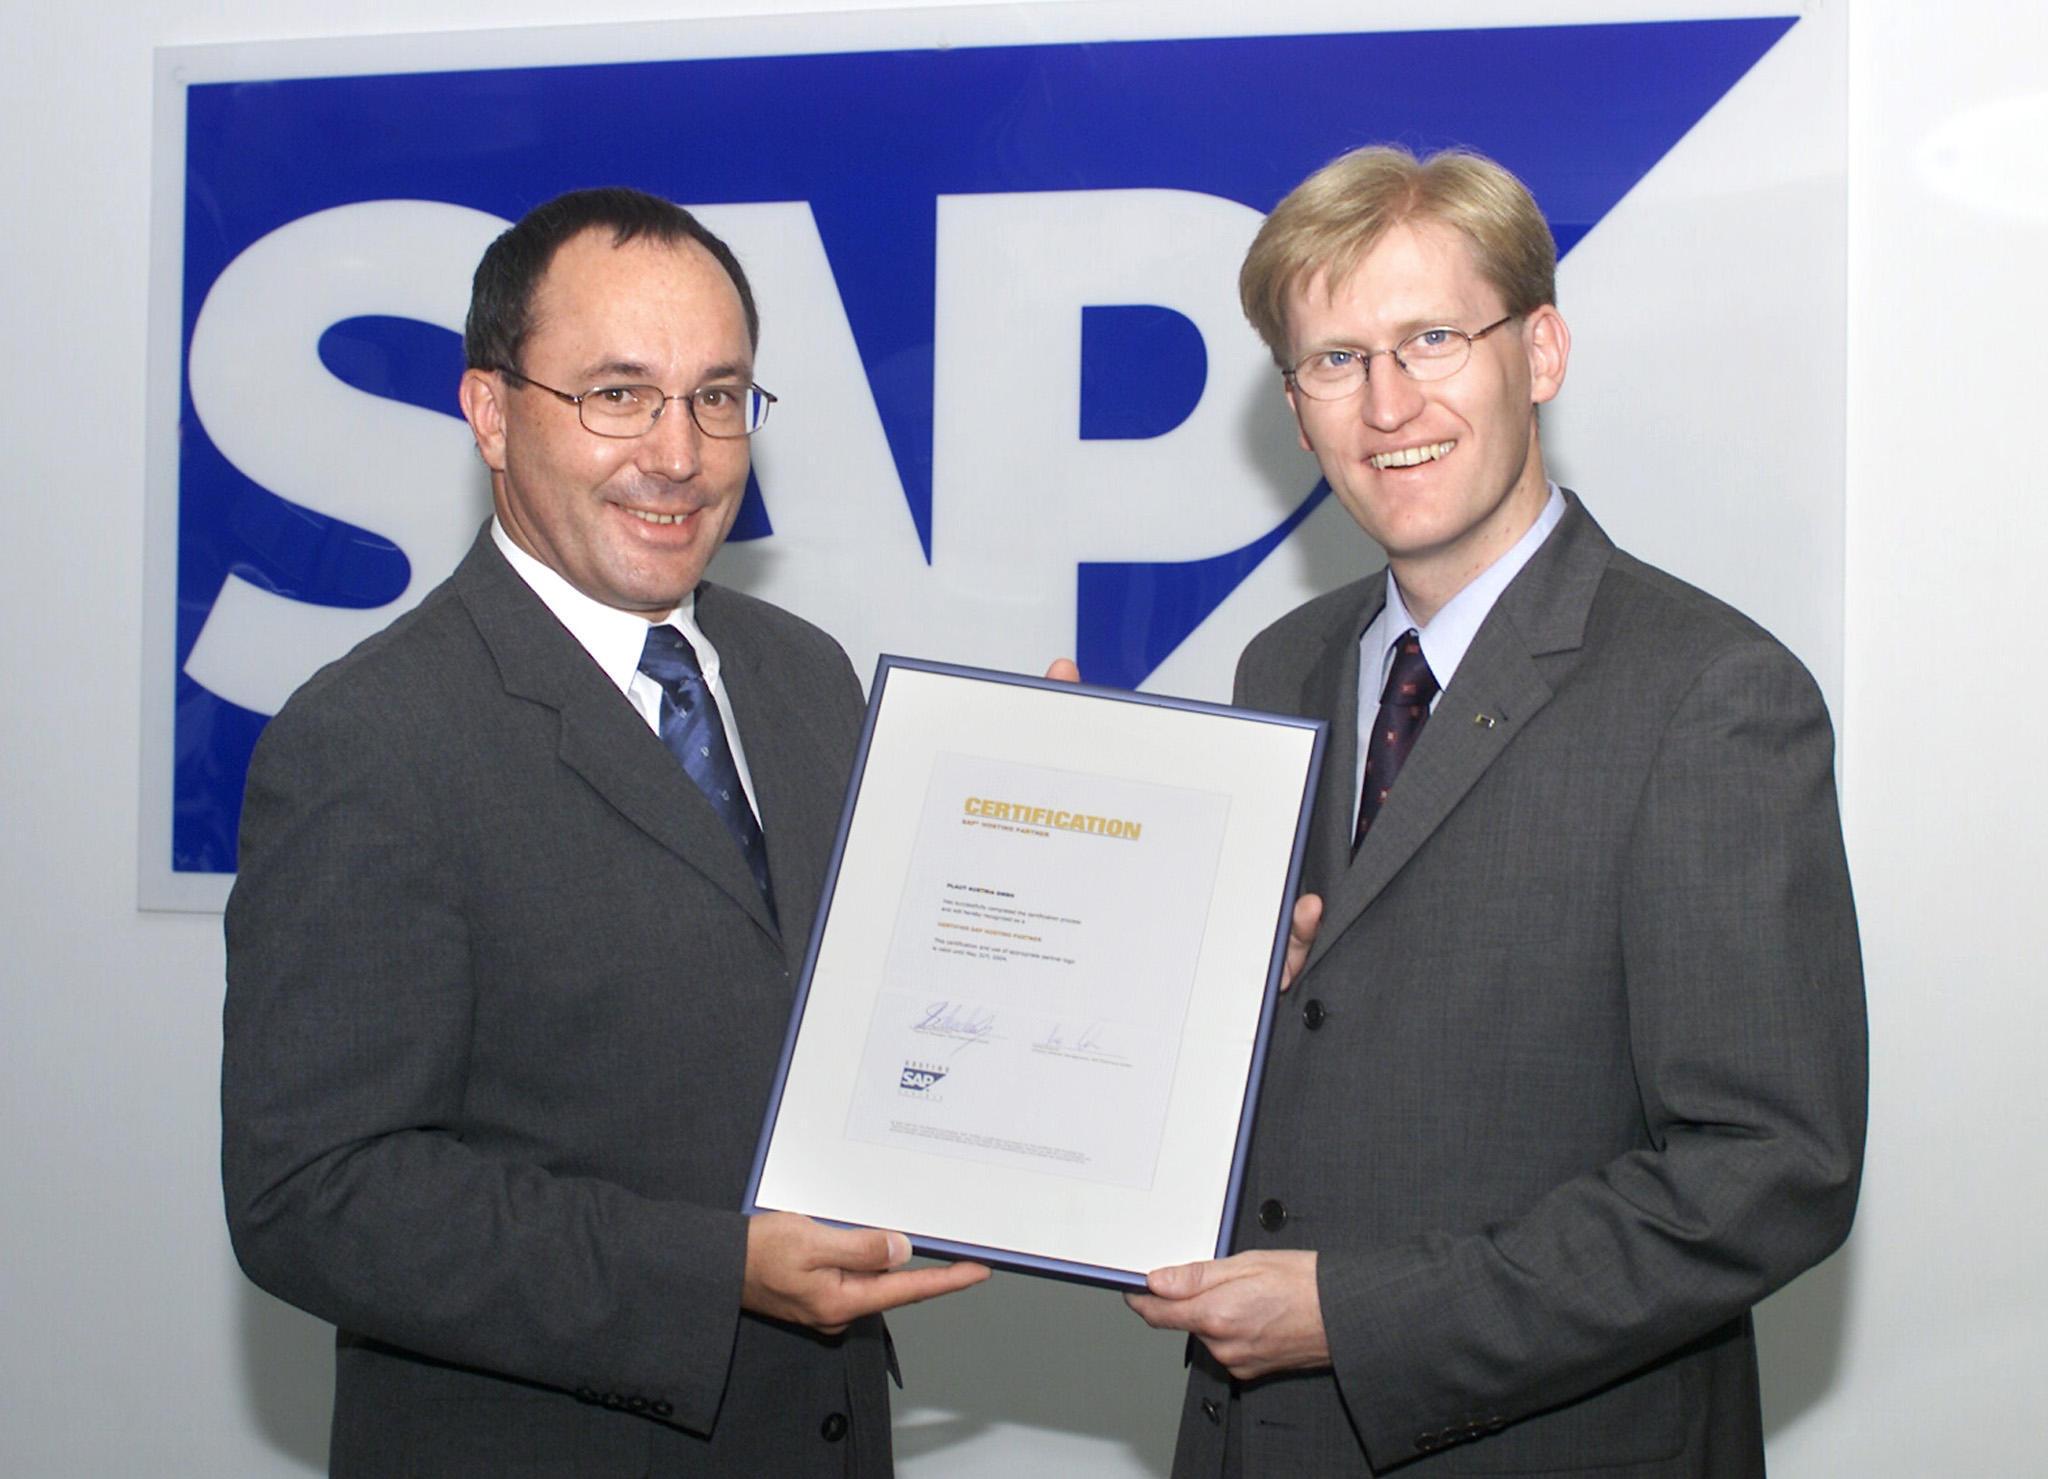 Im Bild v.l.n.r.: Wolfgang Schuckert, Country Manager SAP Österreich und Johann Grafl, Geschäftsführer IDS Scheer Plaut Austria GmbH freuen sich über die Auszeichnung.